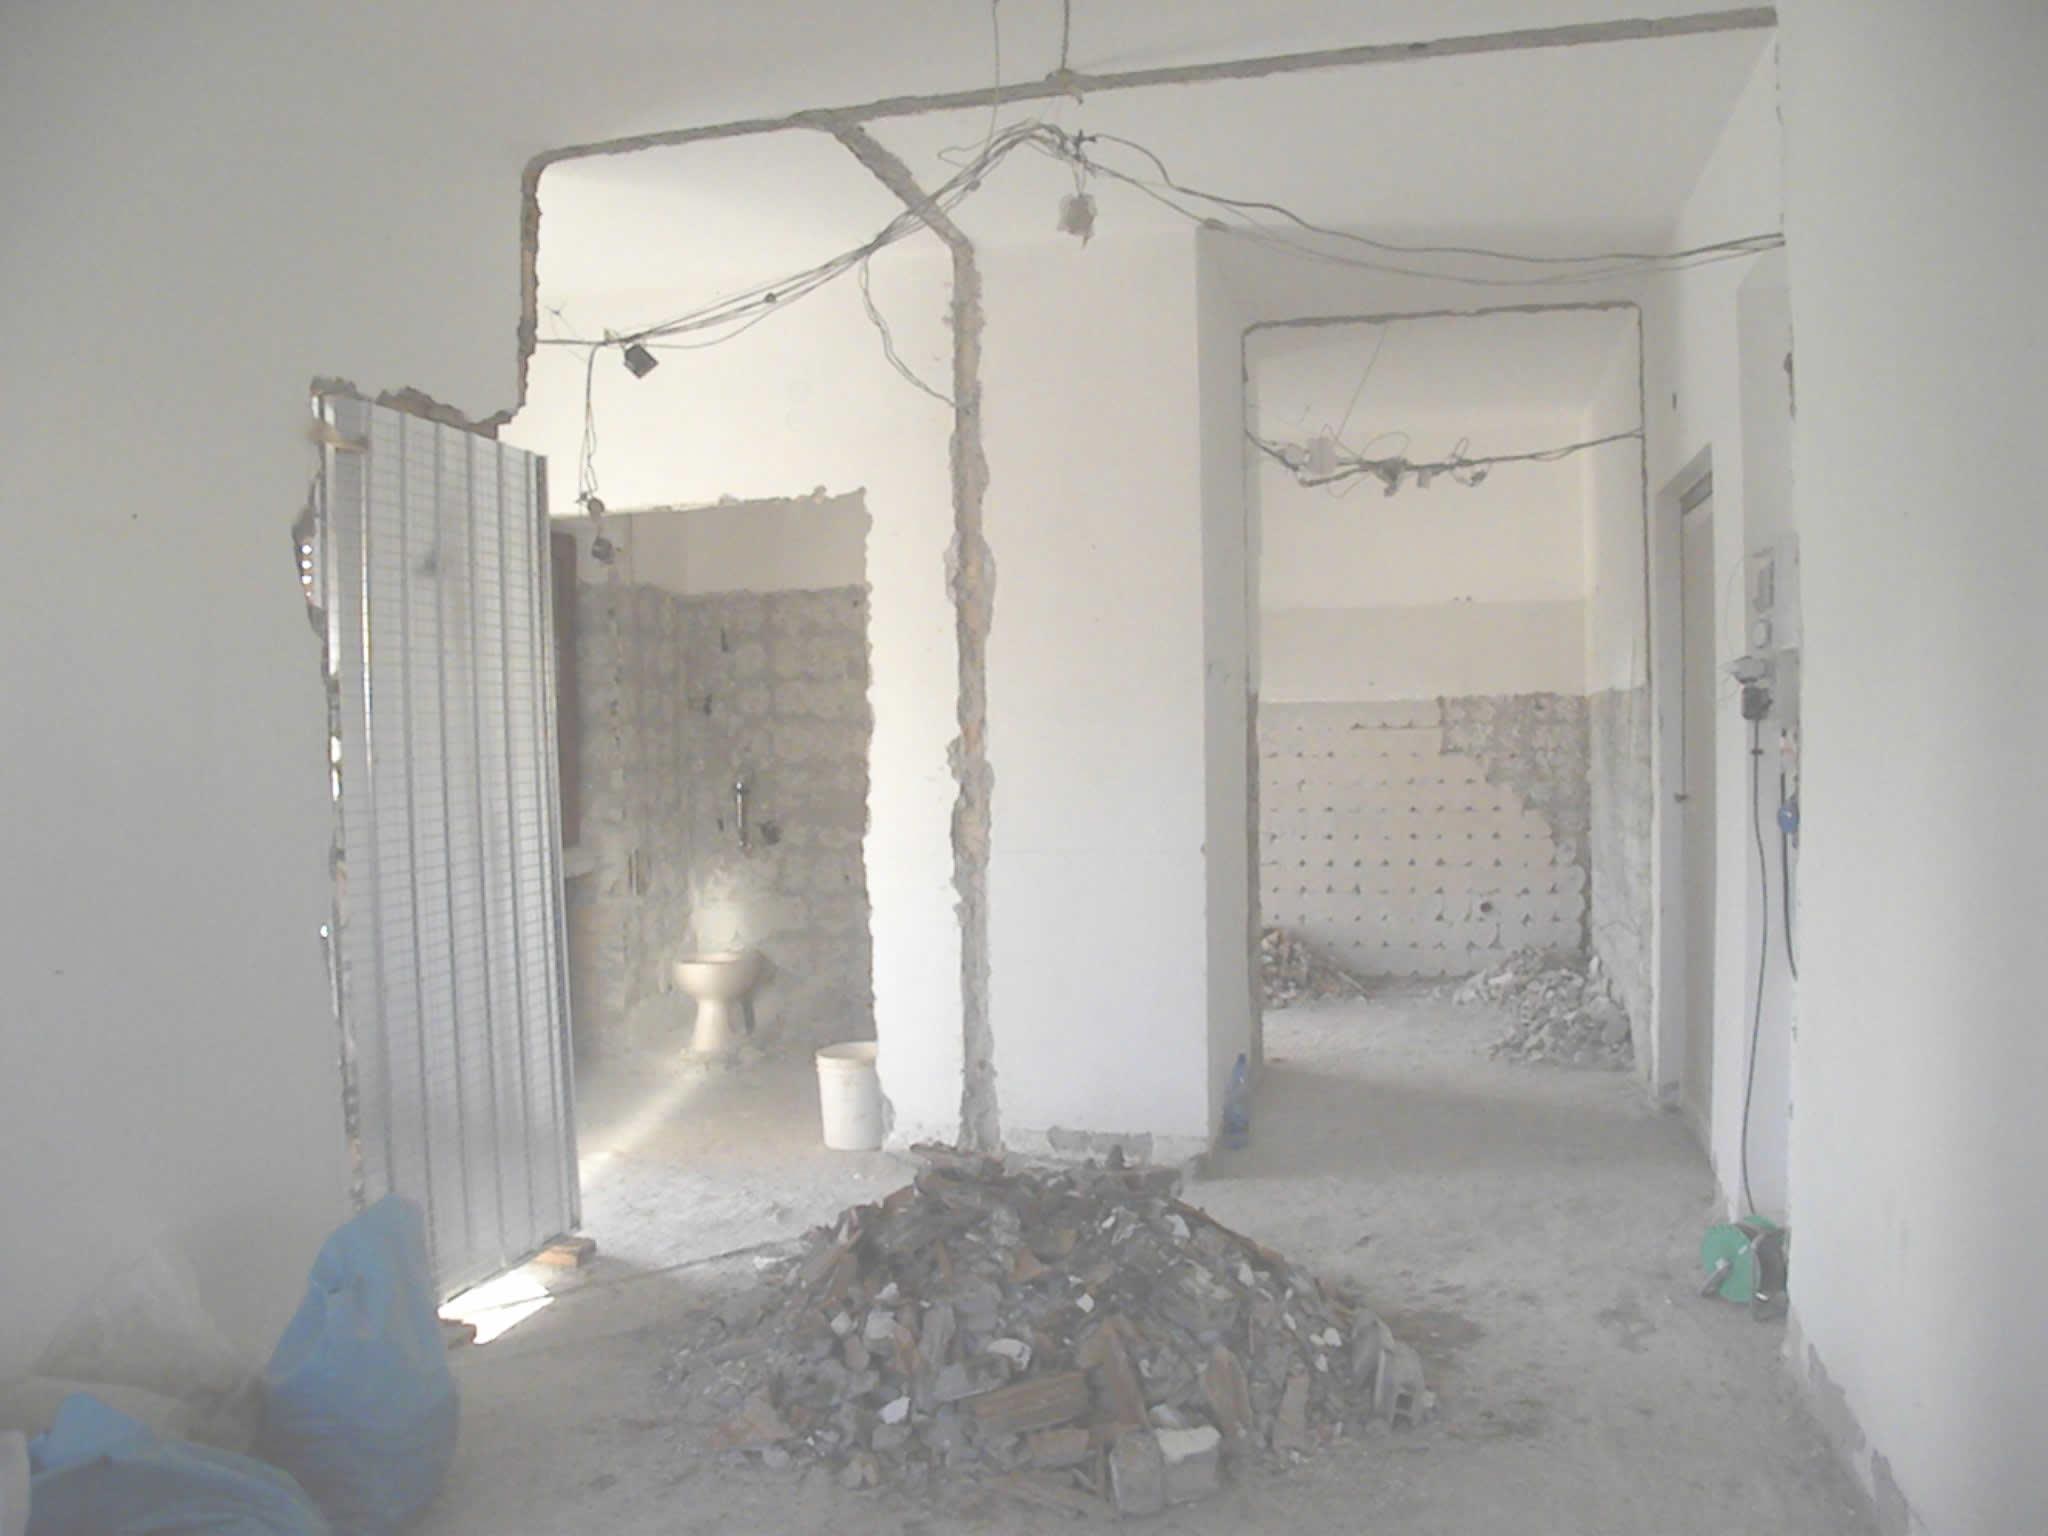 Ristrutturazione Completa Casa Costi ristrutturazione casa roma costo-preventivo